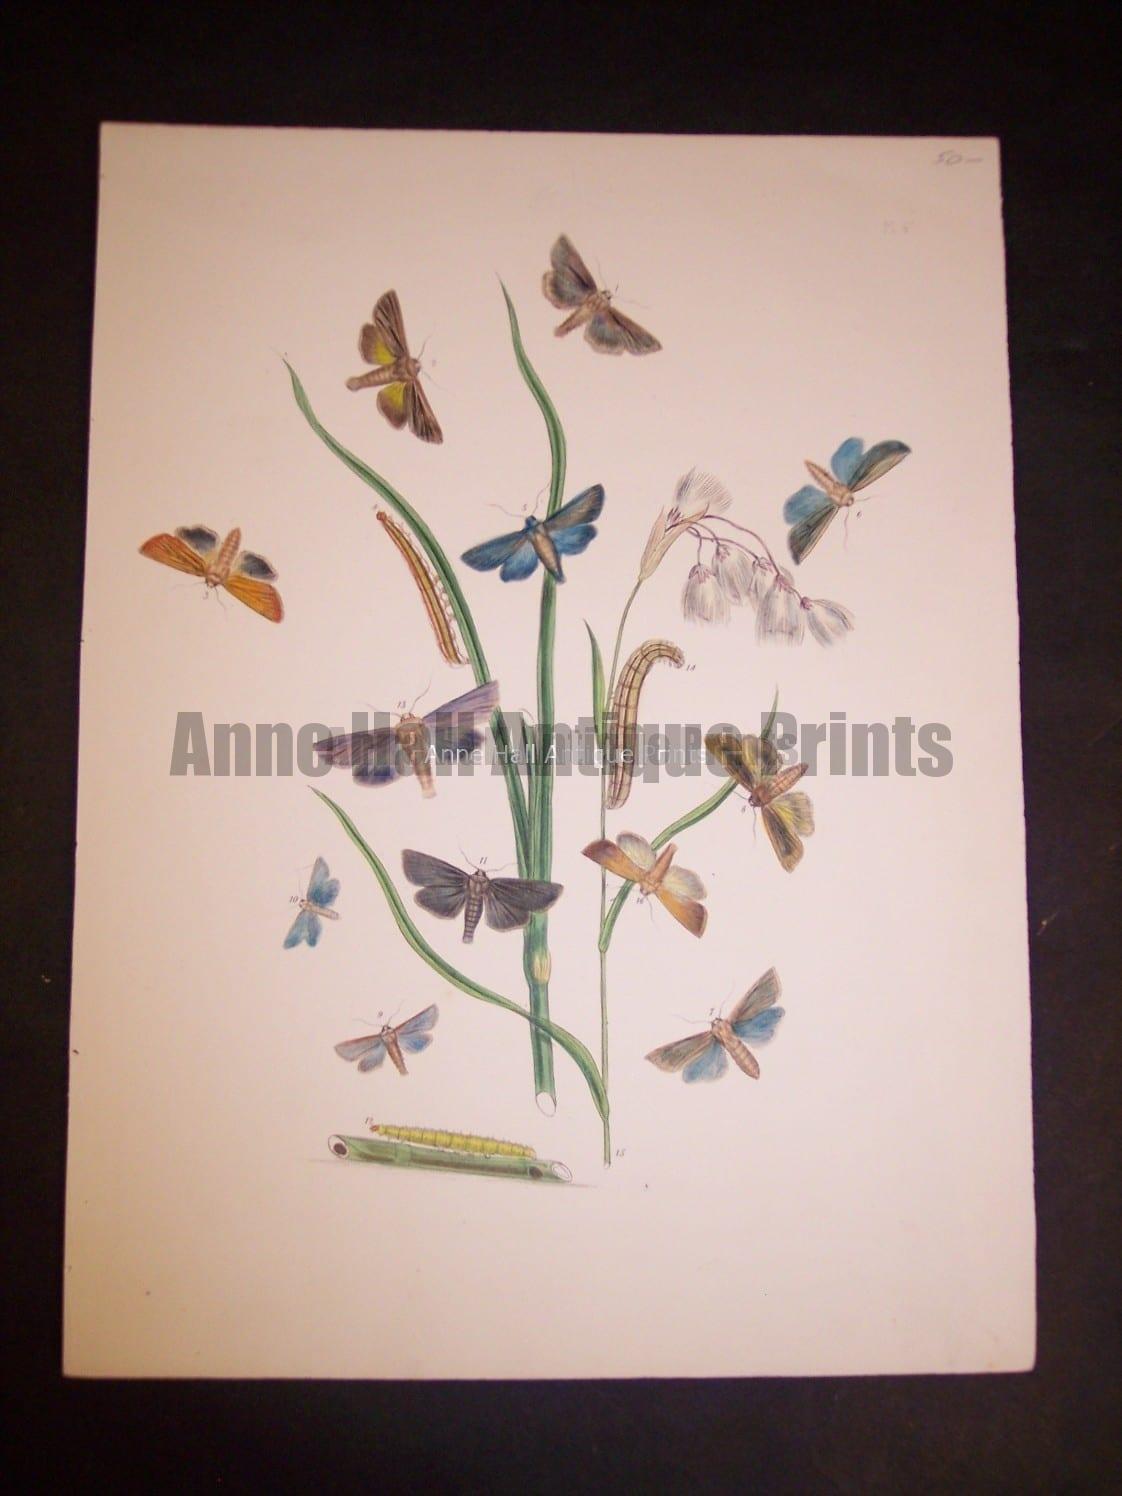 Humphrey Butterflies and Moths PL 47, 1865. $50.